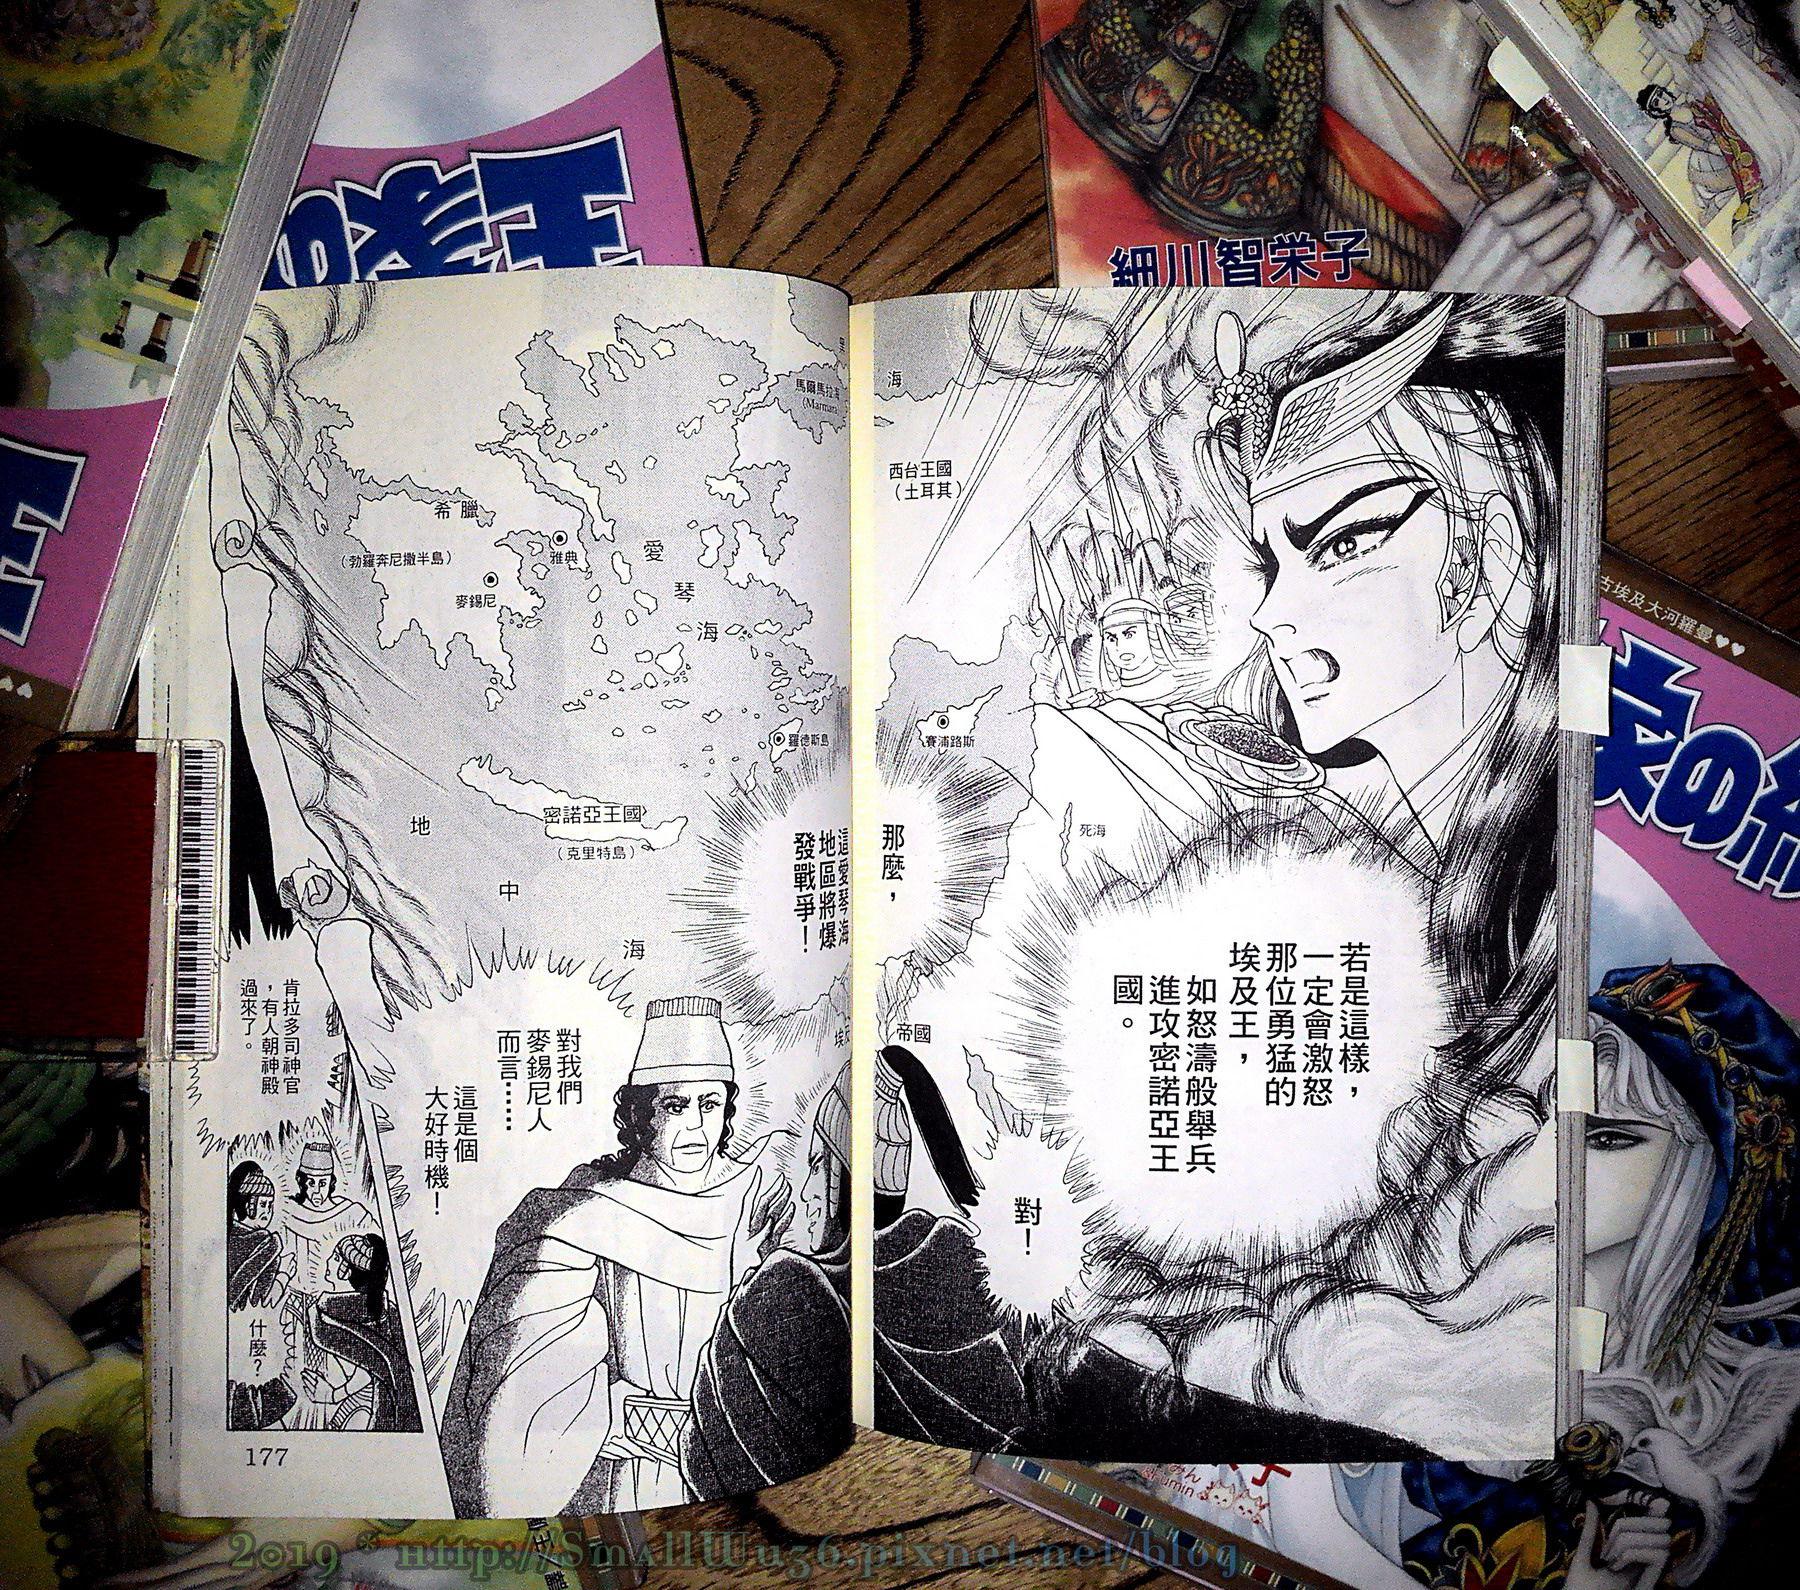 細川智榮子-王家的紋章(尼羅河女兒) 28-35 (長鴻)  vol_31 -2.jpg